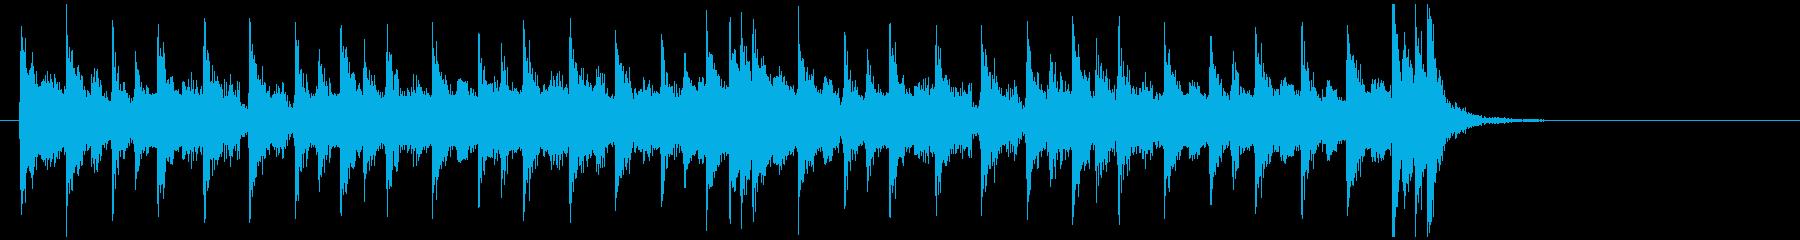 エレキギターがメインの8ビートのジングルの再生済みの波形